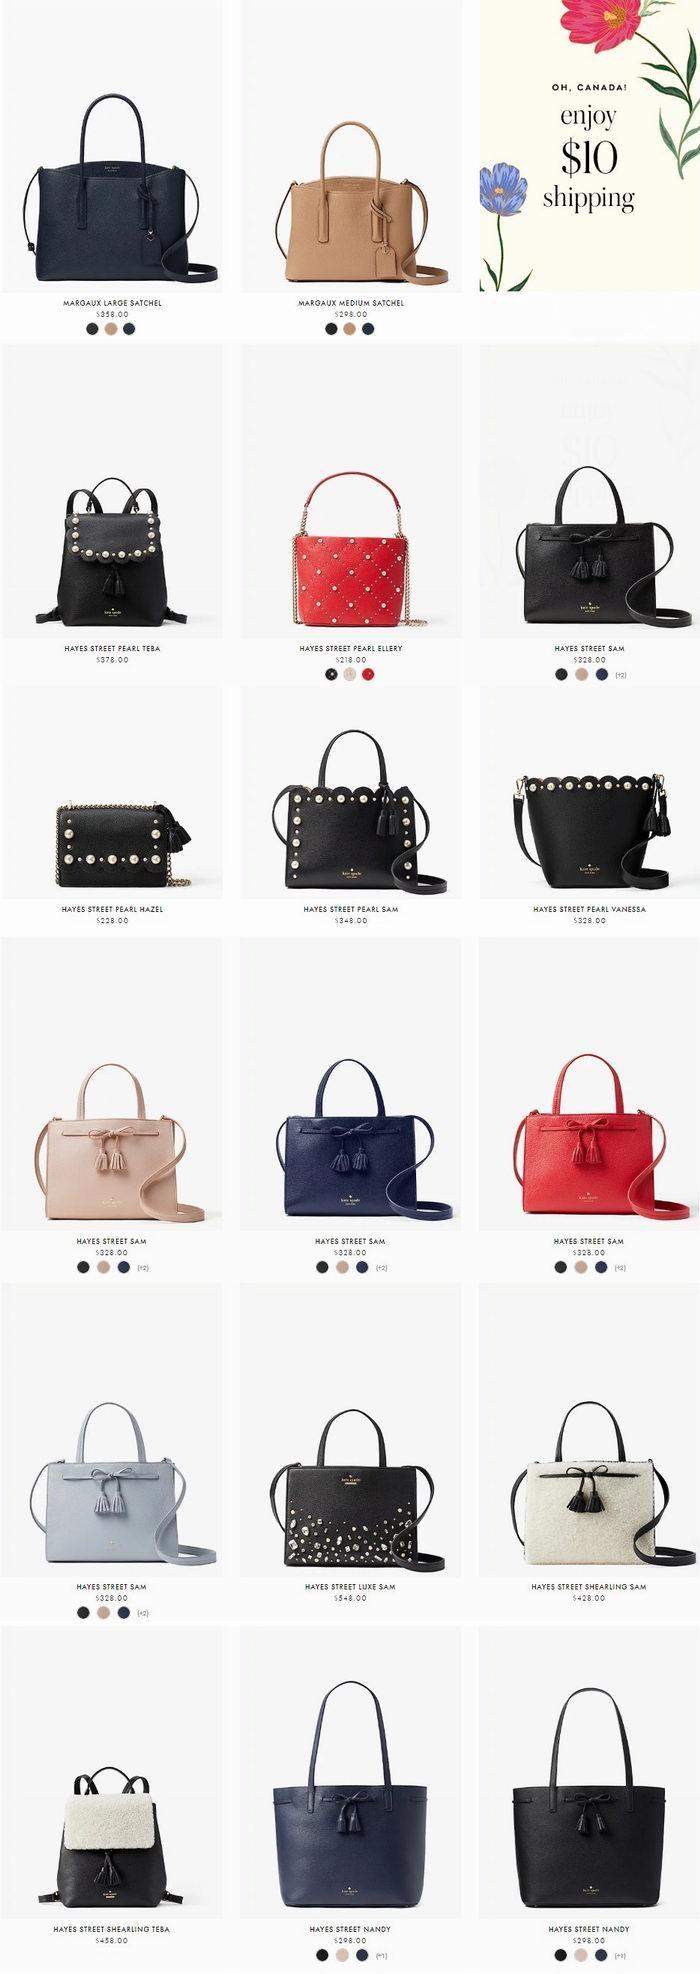 双11特惠!Kate Spade 全场美包、美衣、美鞋等7折!特卖区5折起+额外7折!